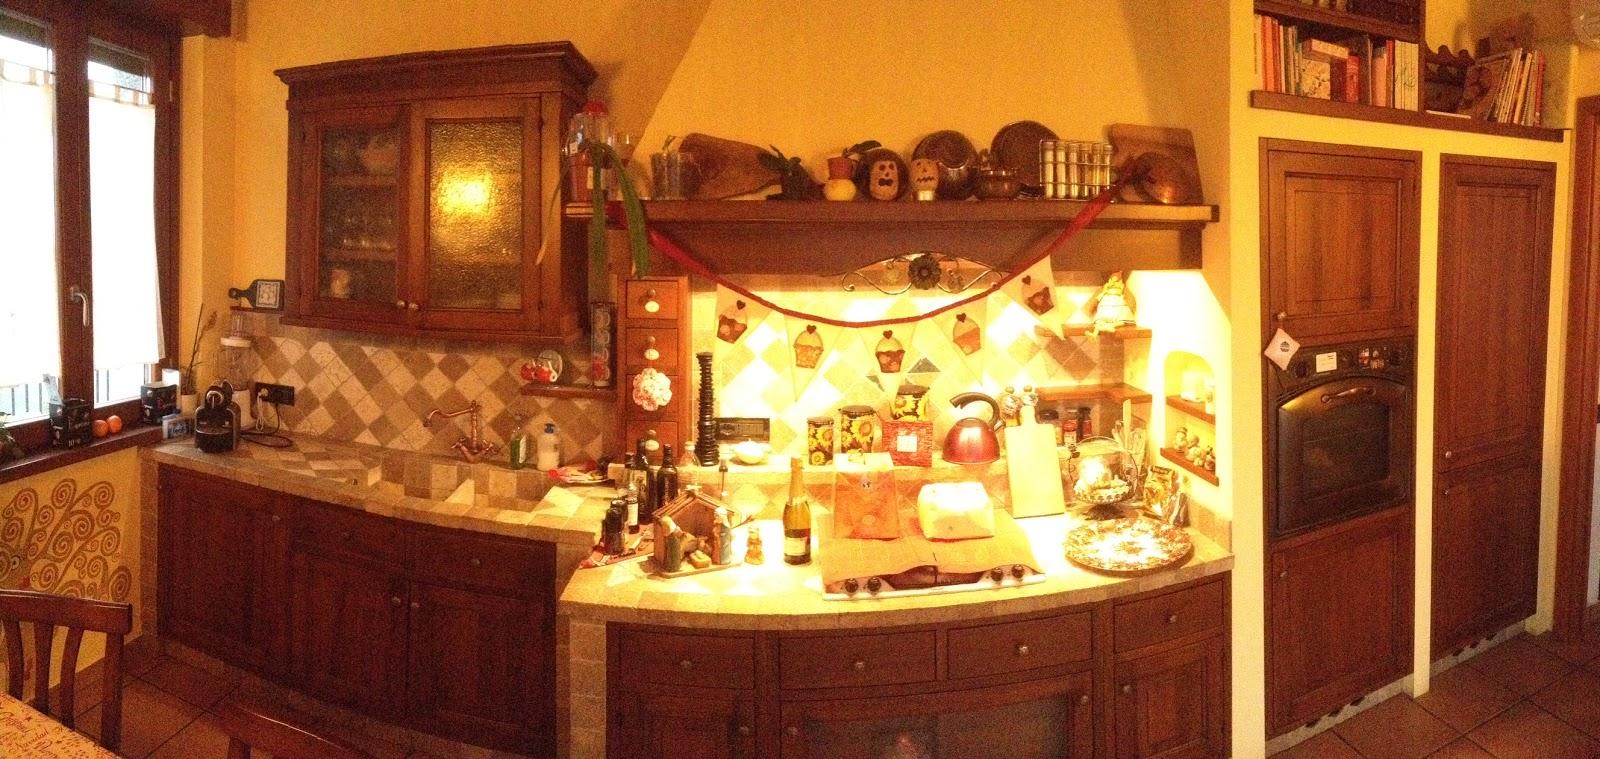 Pepe patchwork addobbi natalizi per l 39 aperitivo - Addobbi natalizi per cucina ...